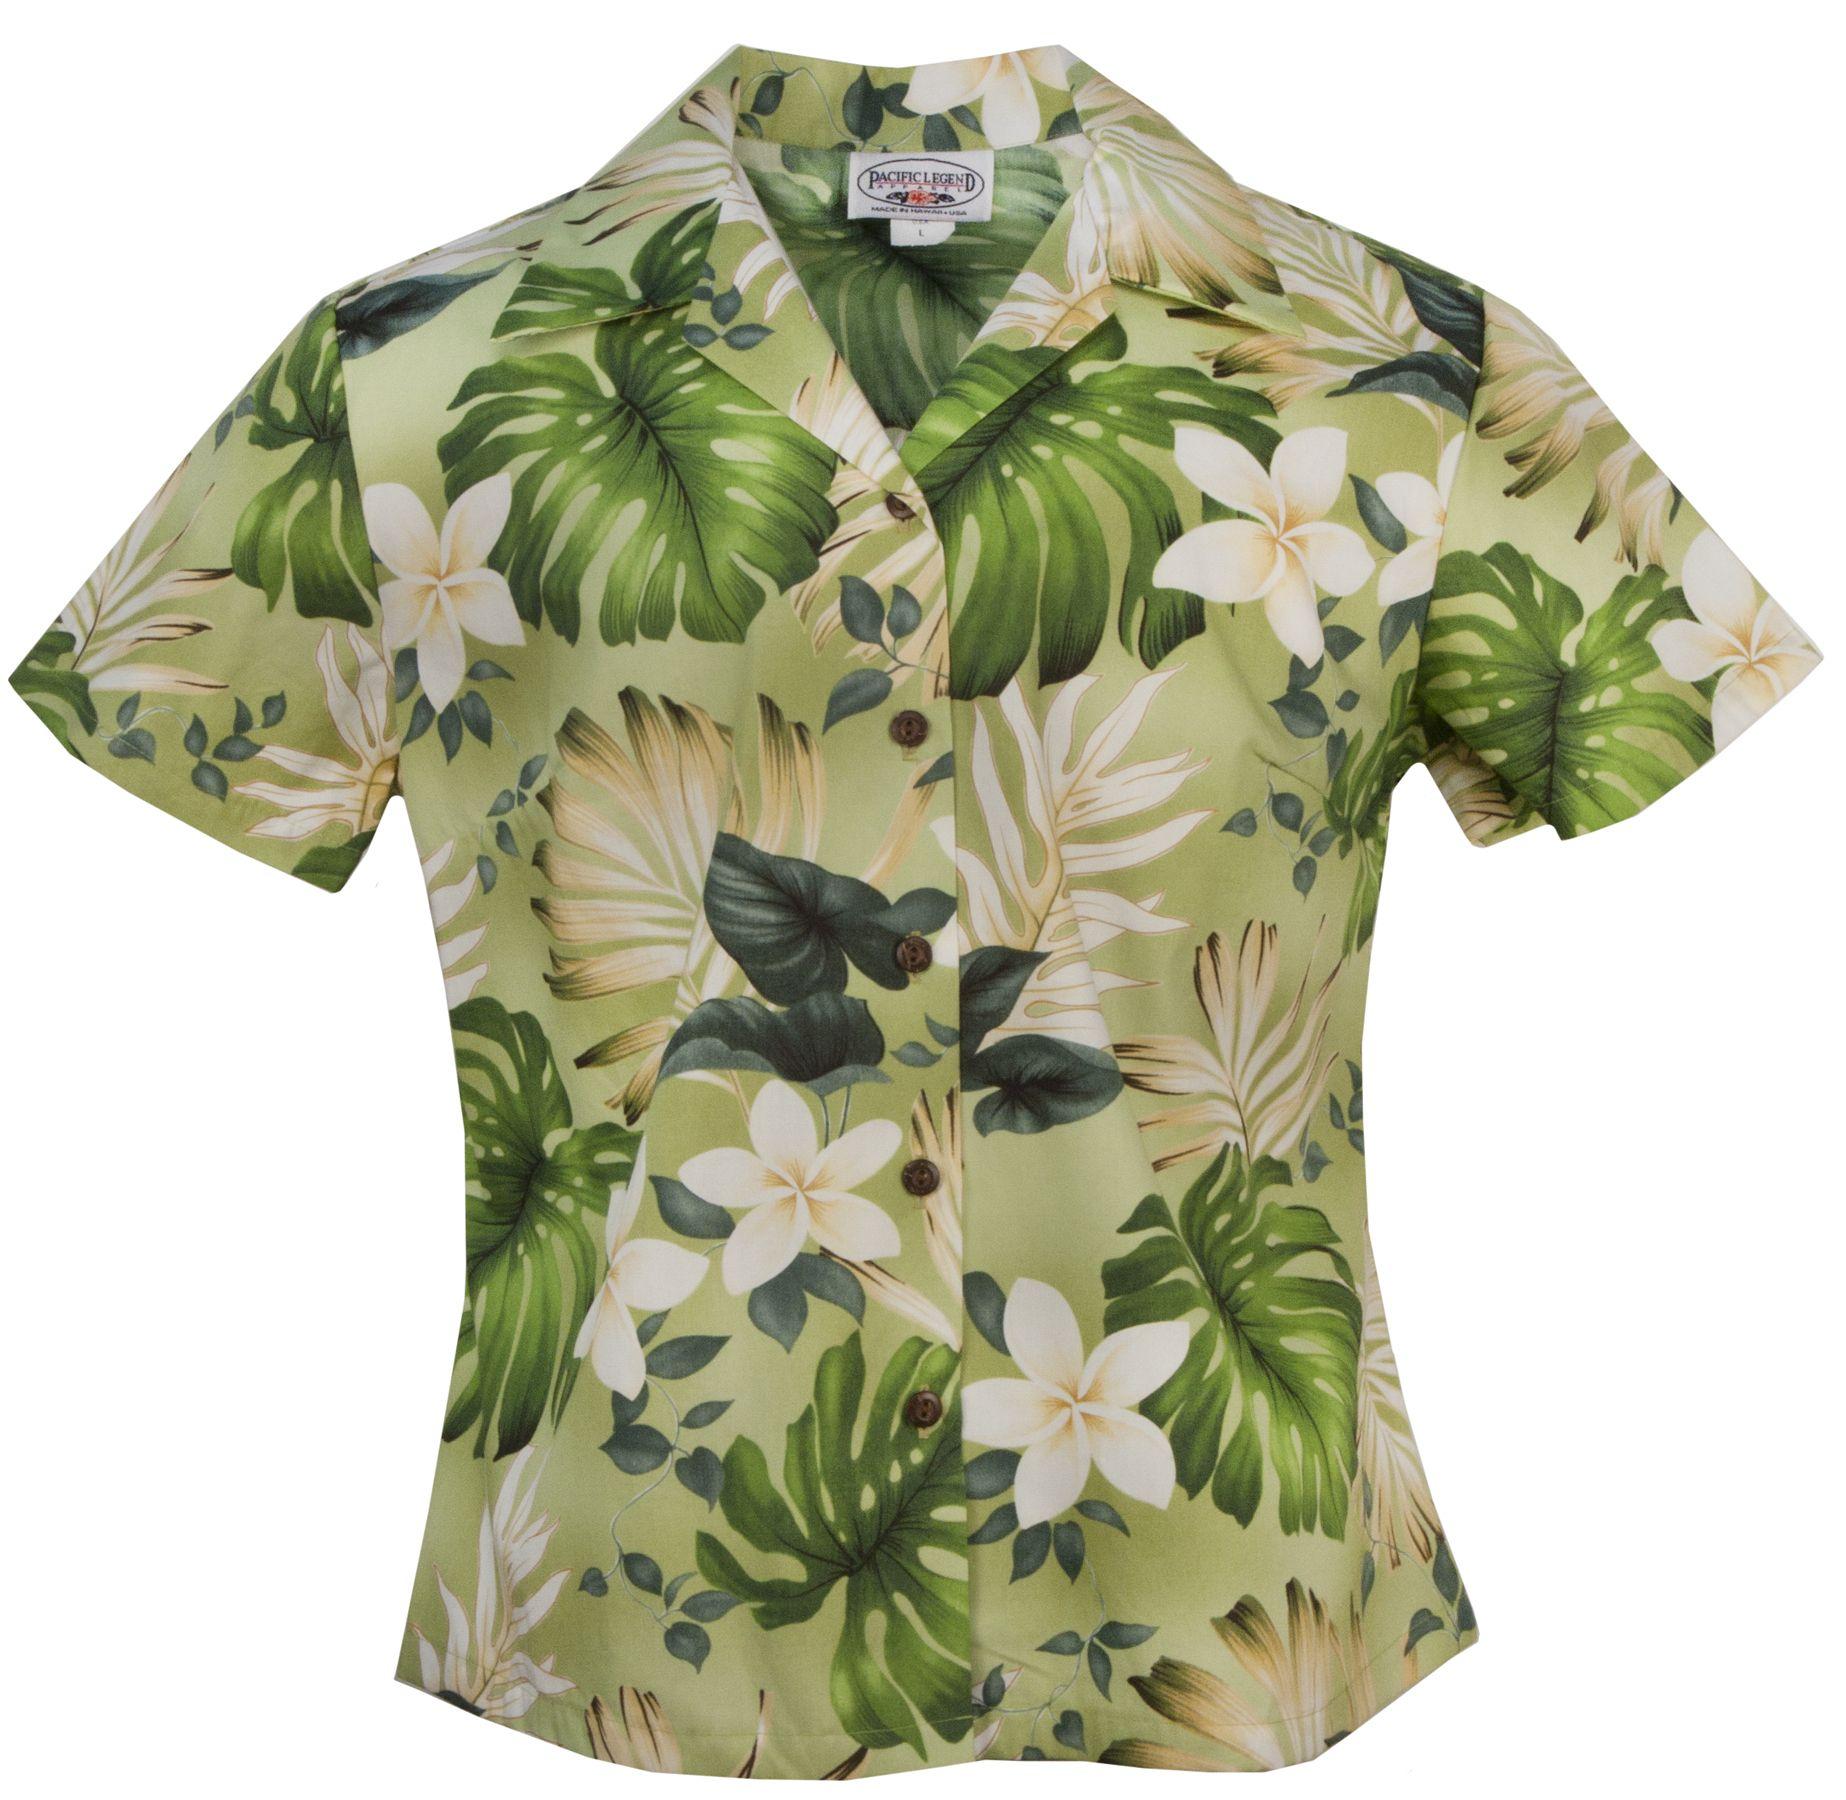 """Résultat de recherche d'images pour """"hawaiian shirt sage"""""""